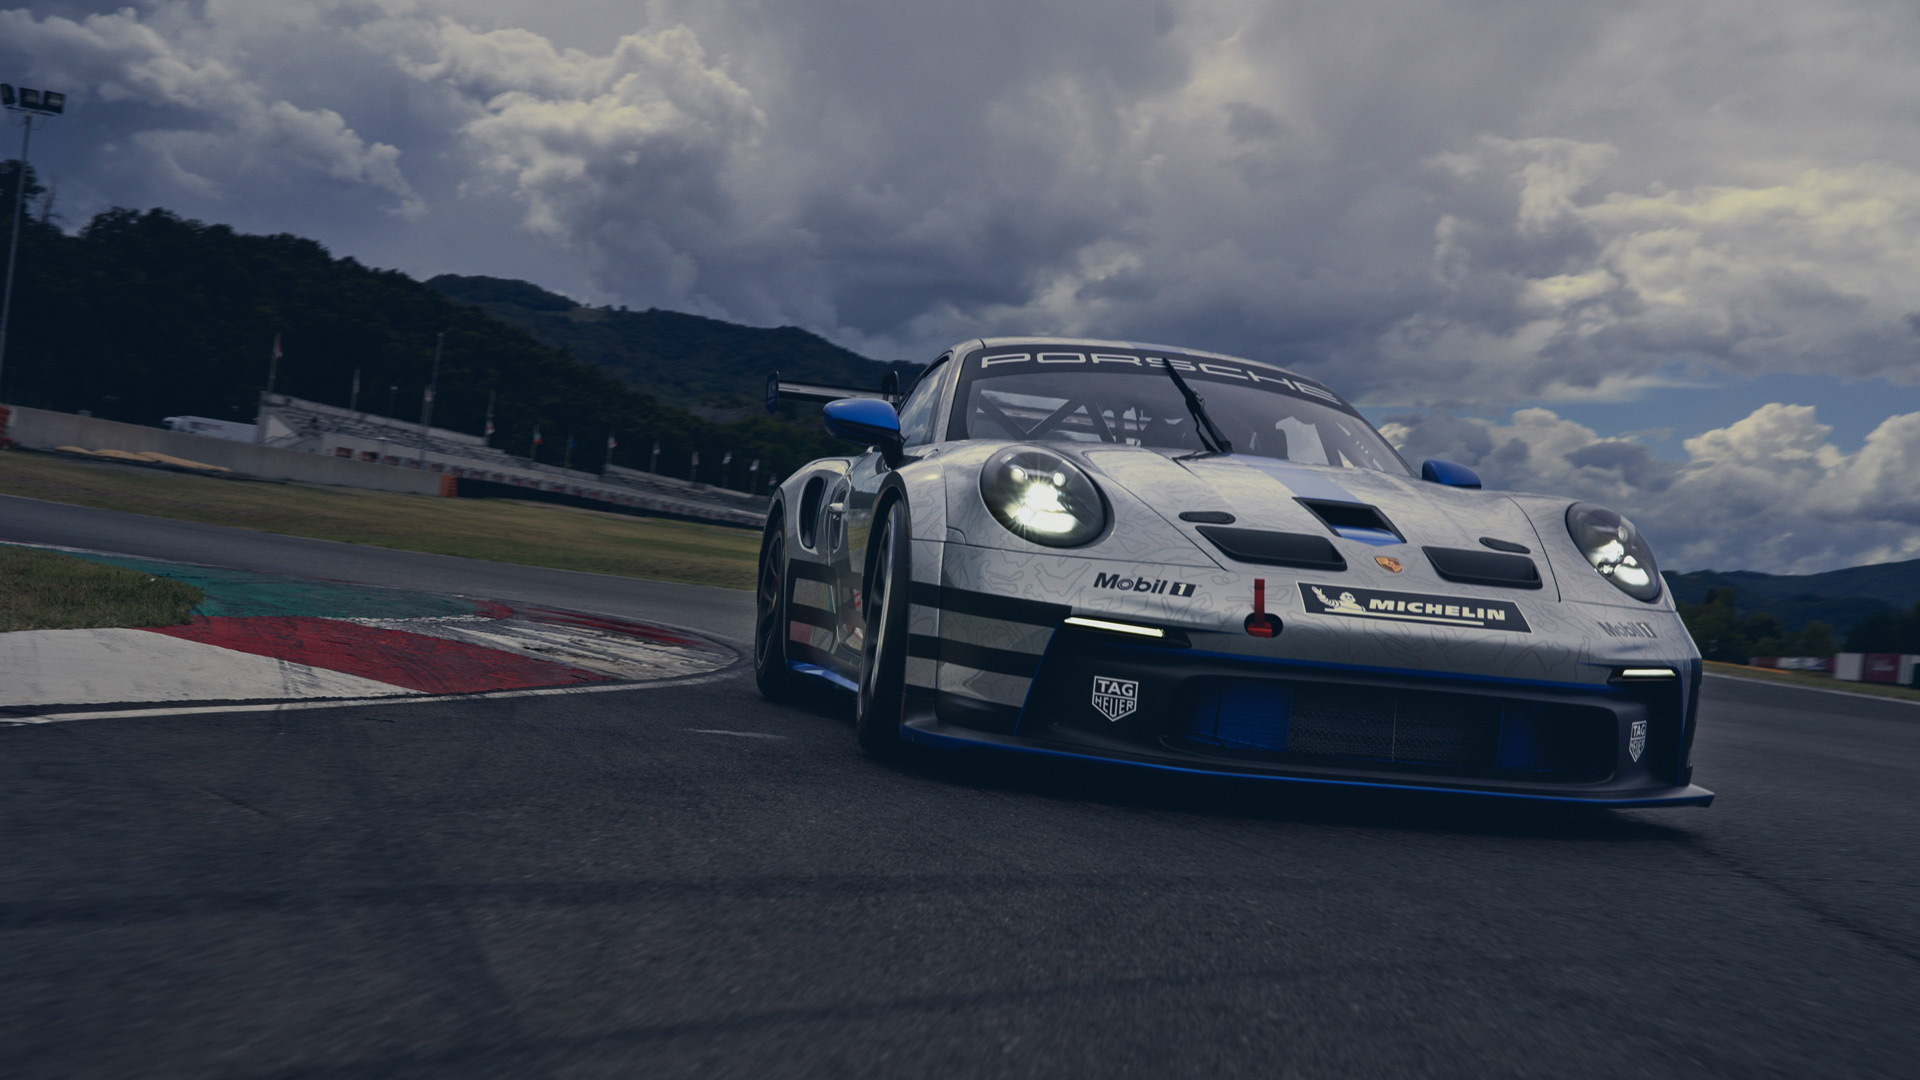 2021 Porsche 911 GT3 Cup race car